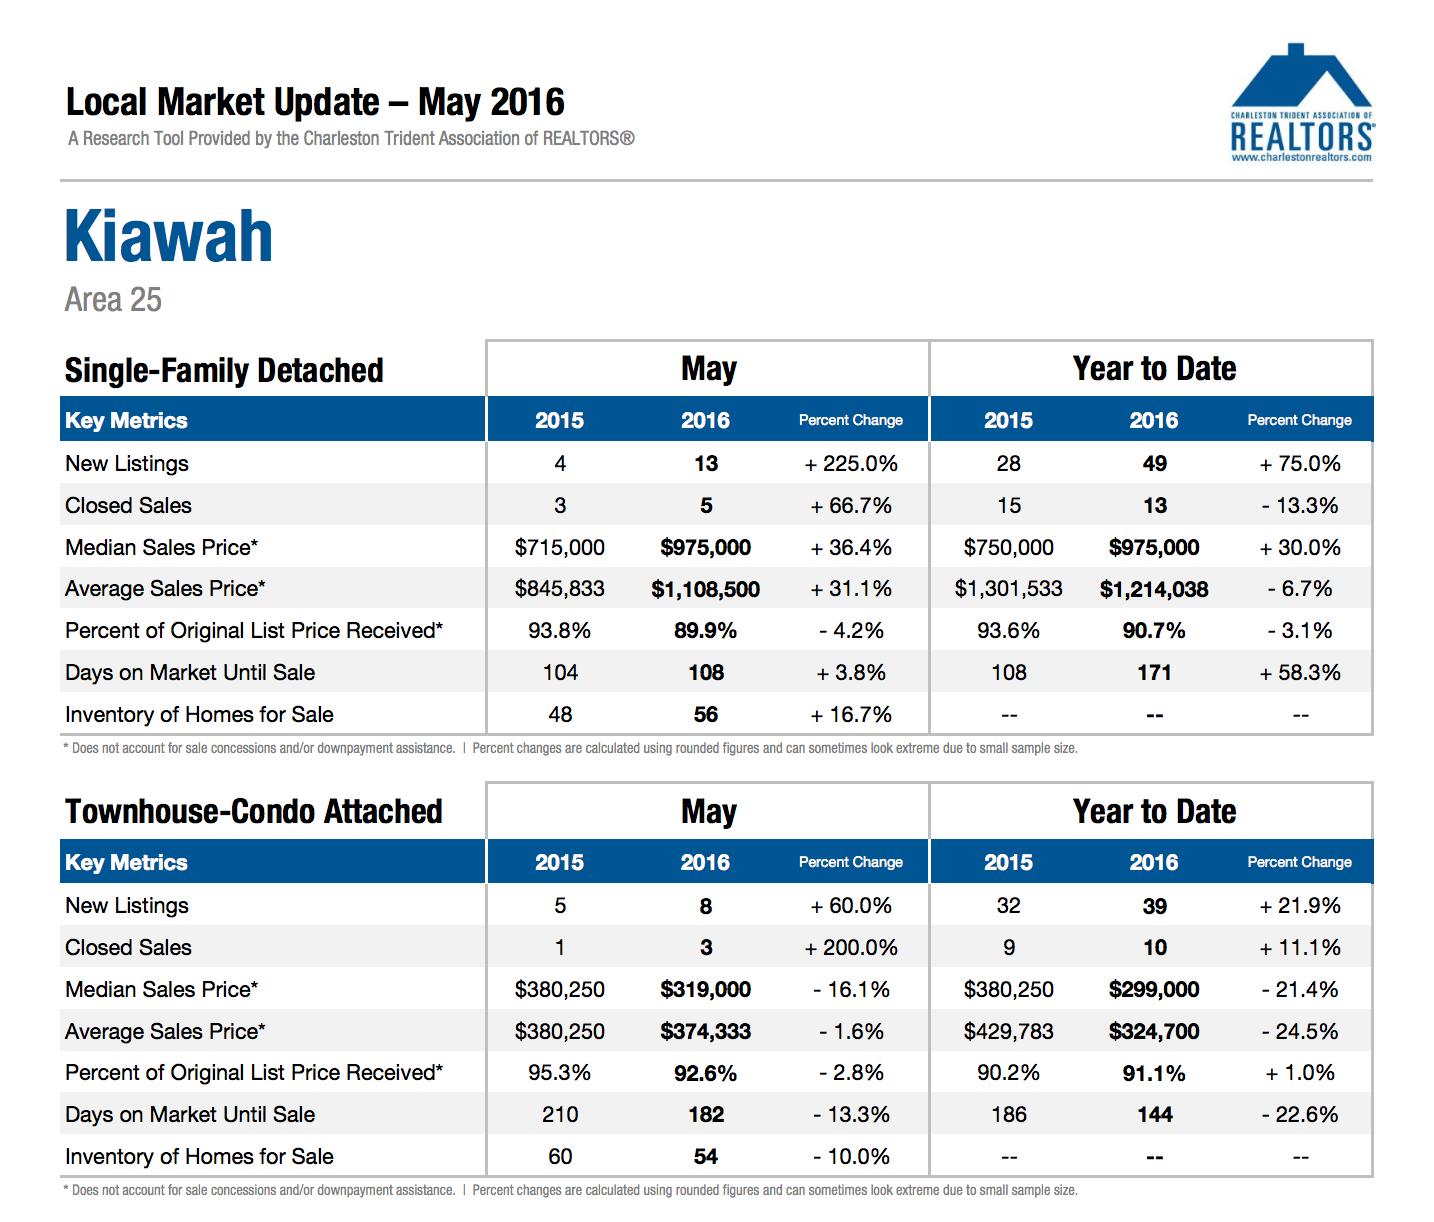 Kiawah Market Update May 2016